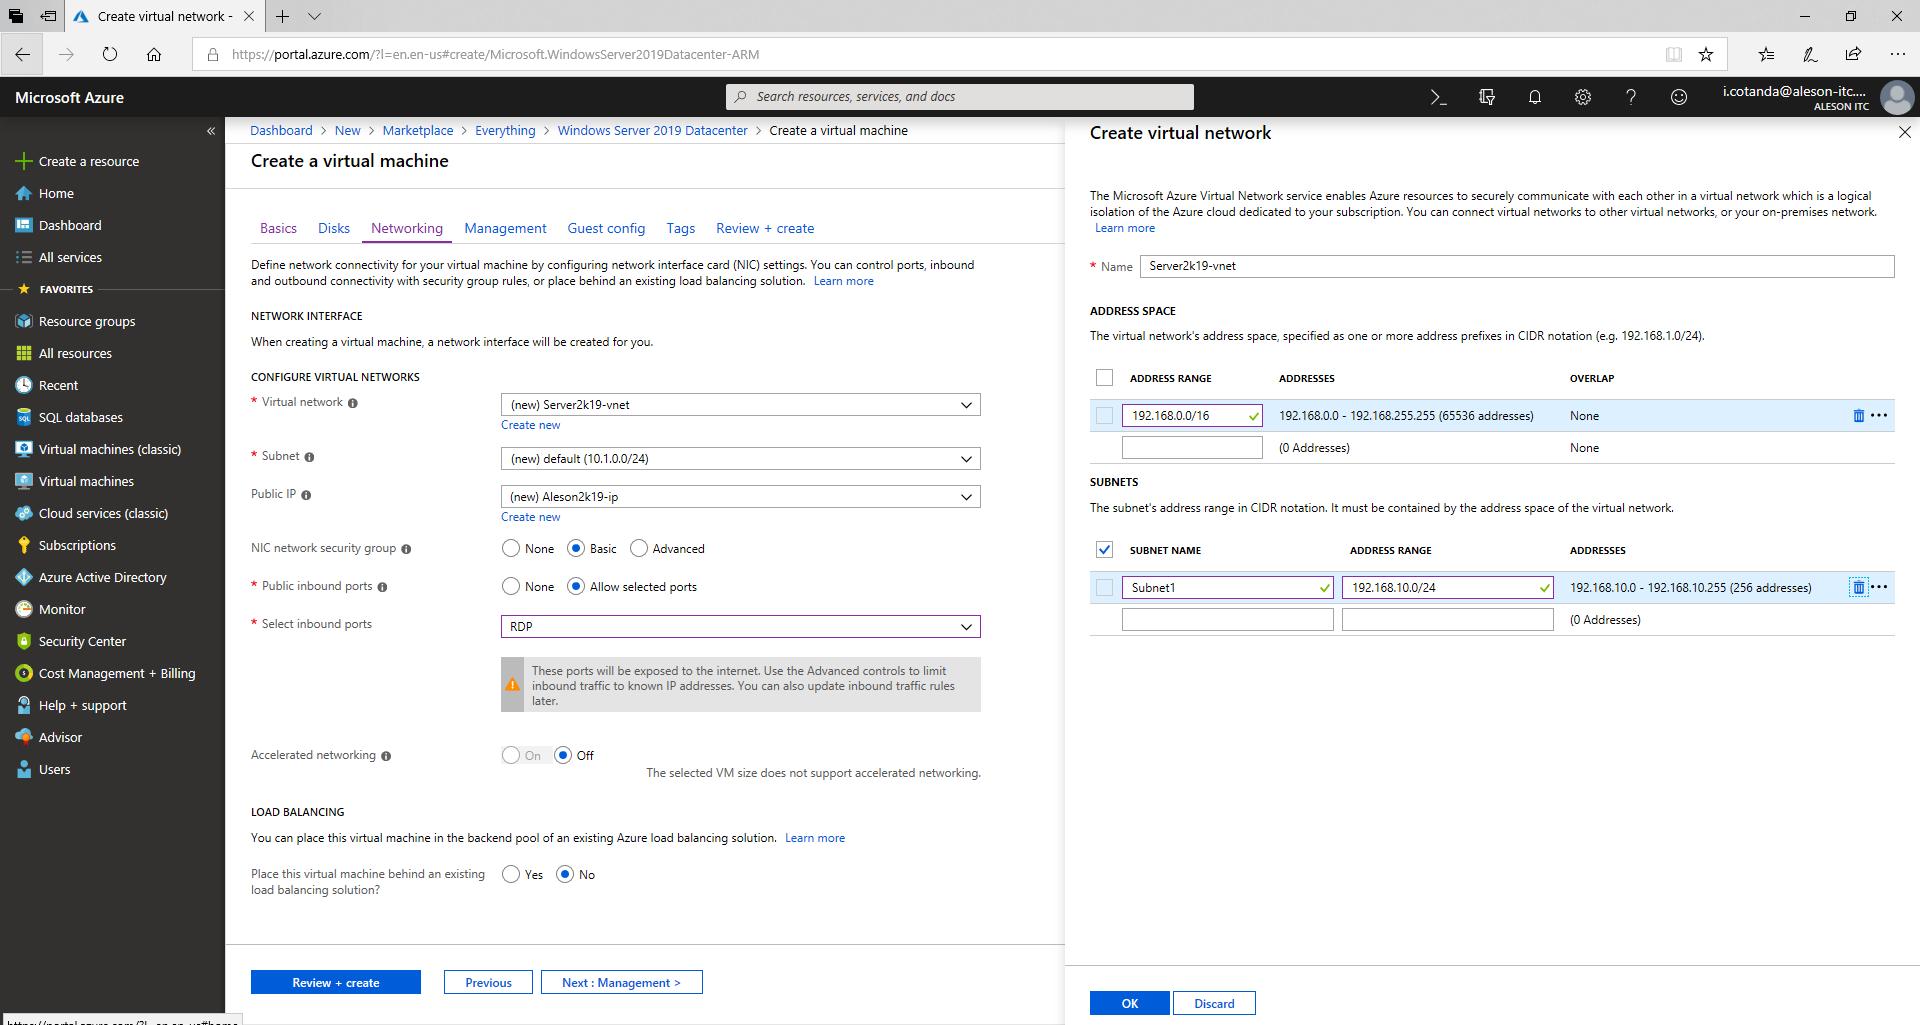 Windows Server 2019 In Azure - Create Virtual Machine